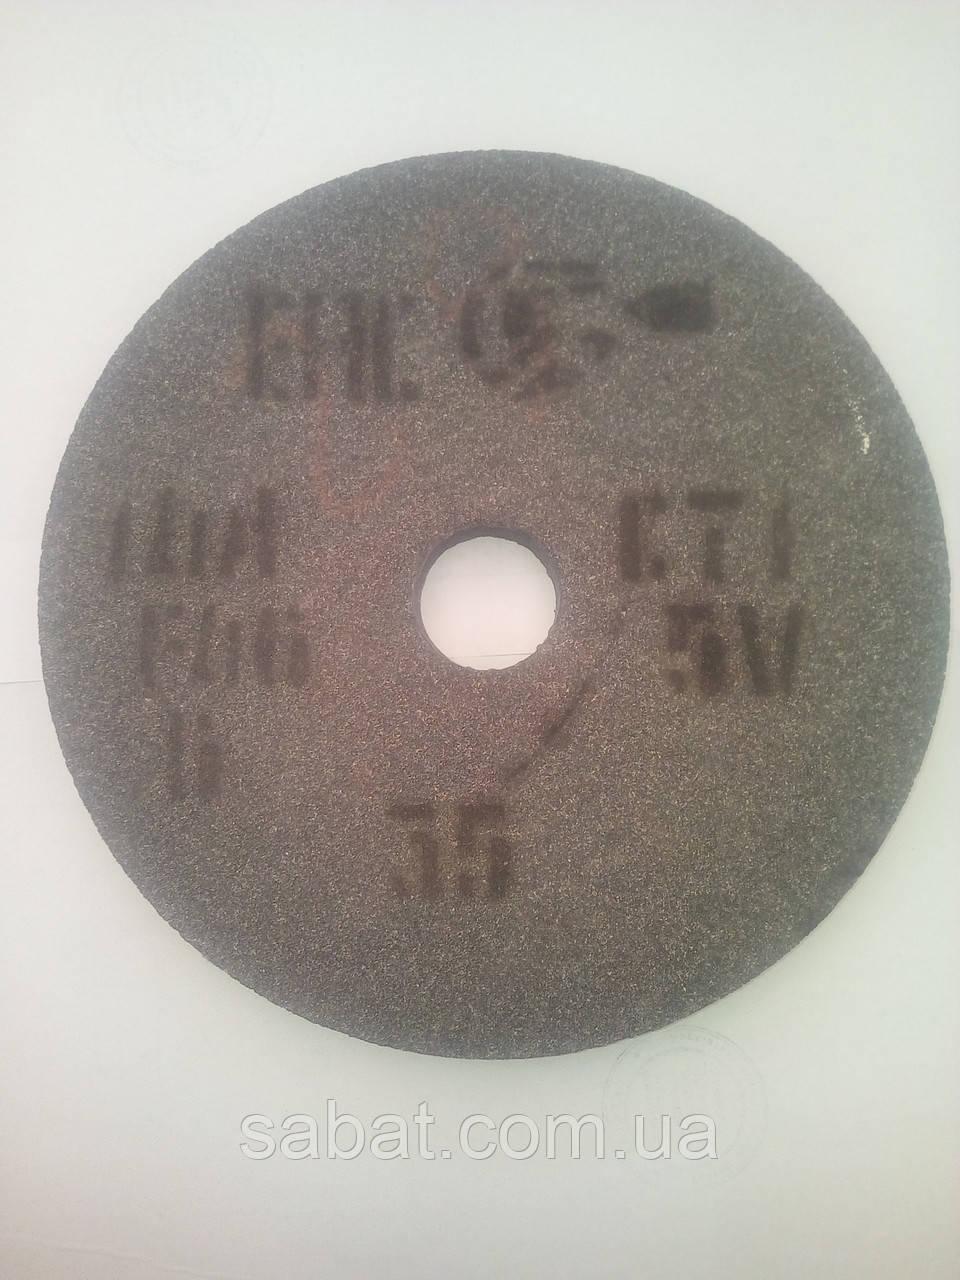 Круг шлифовальный серый А14 F46-80 СТ-СМ 250х16х32